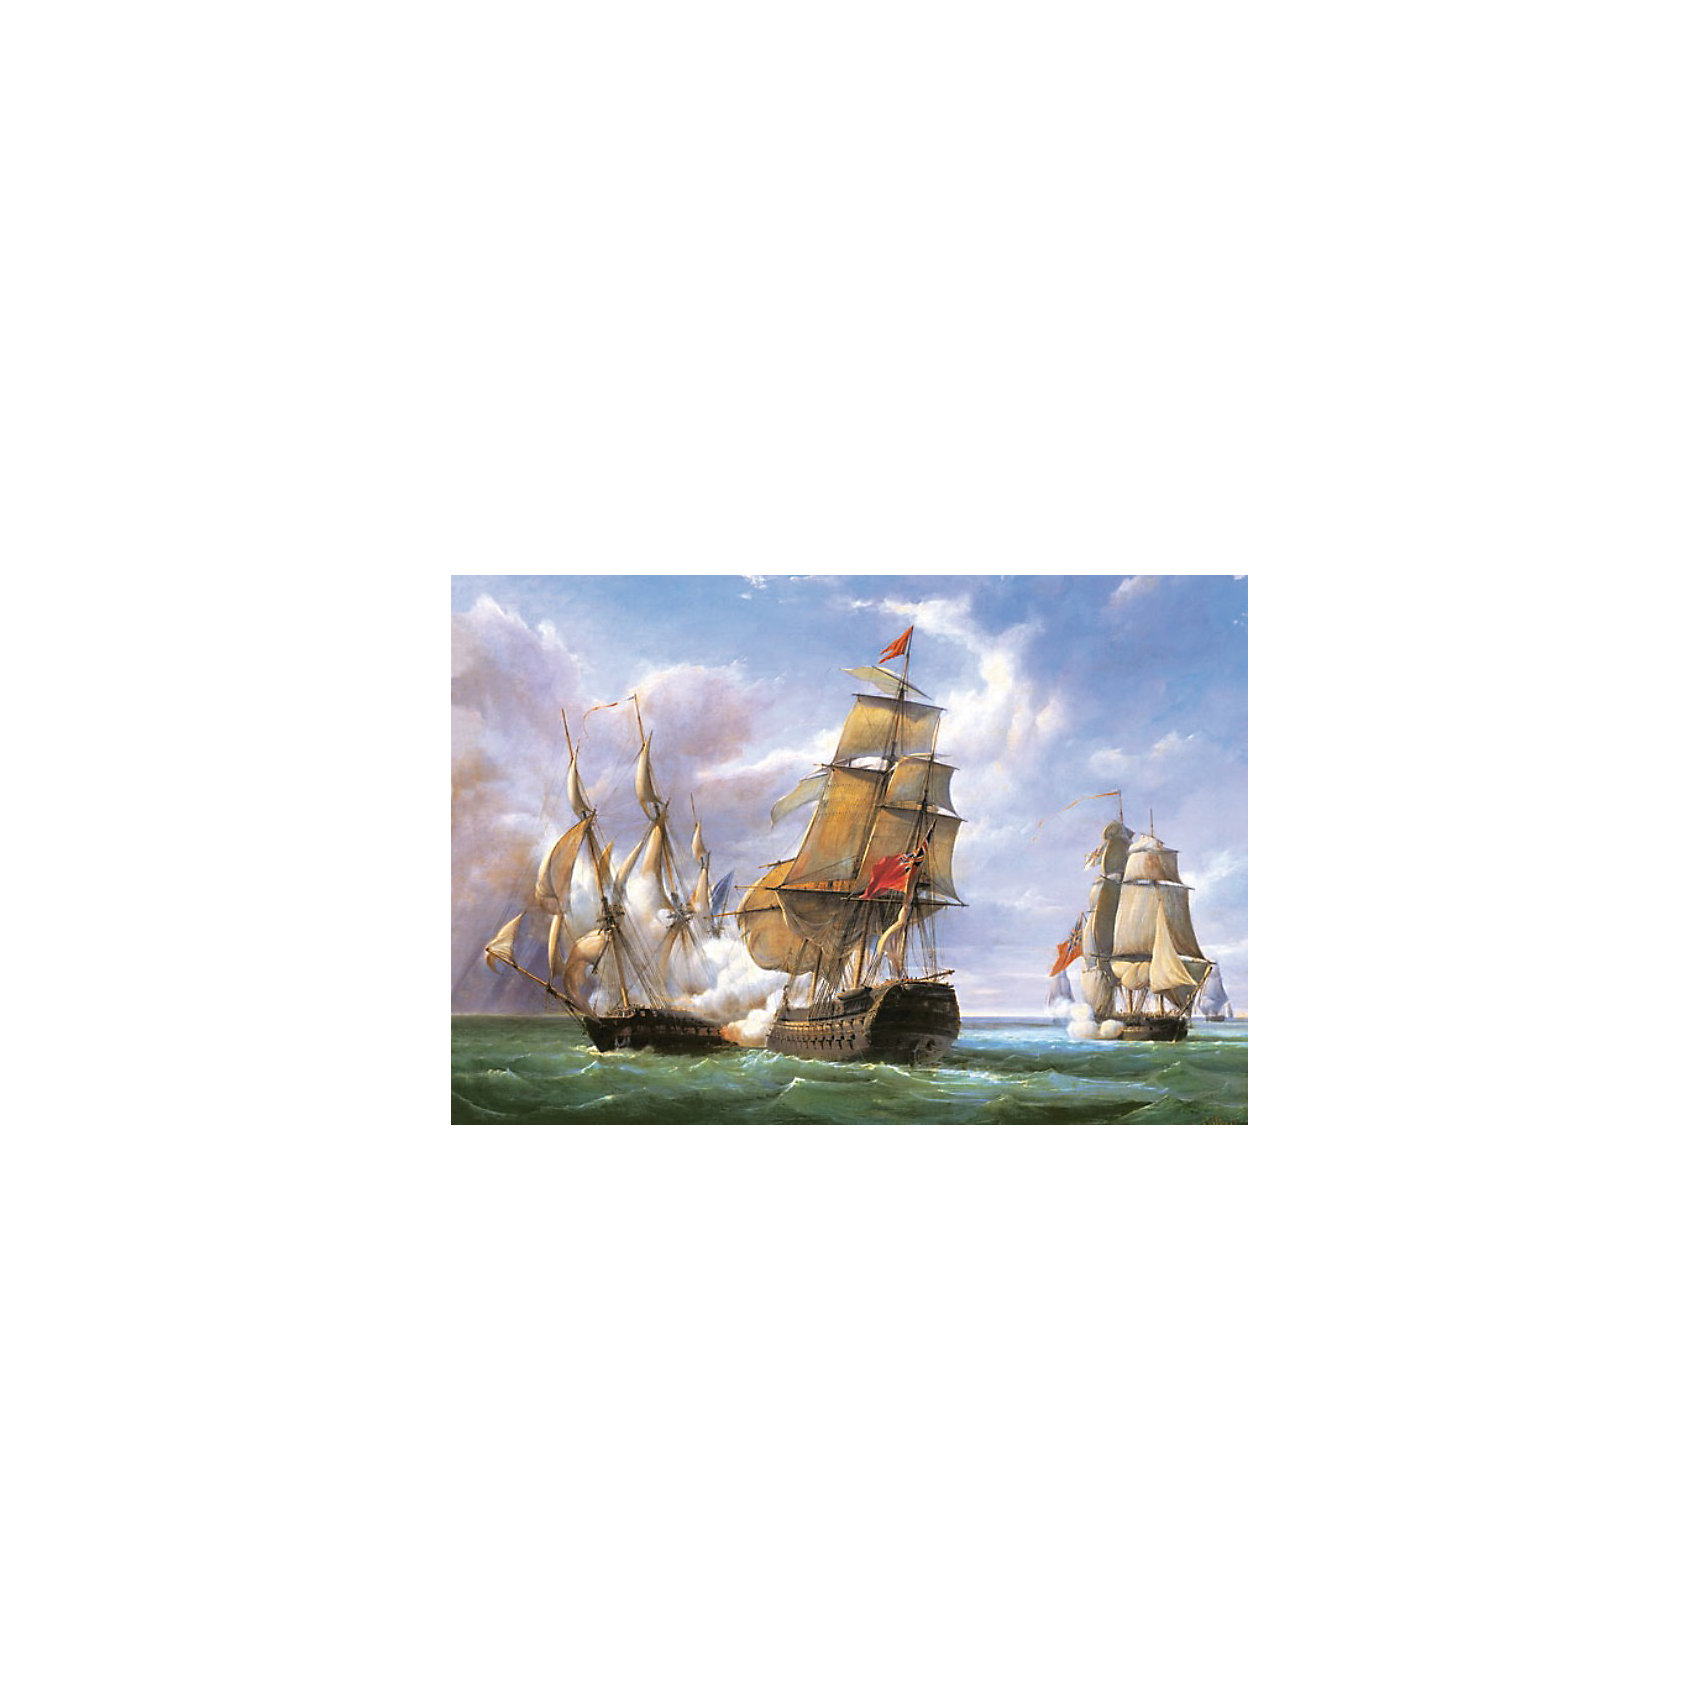 Пазлы Парусник, 3000 деталей, CastorlandКлассические пазлы<br>Пазлы Парусник, 3000 деталей - яркий, красивый и качественный пазл от Castorland на морскую тематику.<br><br>Дополнительная информация:<br><br>- Кол-во деталей: 3000 шт.<br>- Материал: картон.<br>- Размер собранной картинки: 68 х 92 см.<br>- Размеры: 385 х 275 х 52 мм.<br><br>Ширина мм: 385<br>Глубина мм: 50<br>Высота мм: 275<br>Вес г: 1000<br>Возраст от месяцев: 192<br>Возраст до месяцев: 1188<br>Пол: Унисекс<br>Возраст: Детский<br>Количество деталей: 3000<br>SKU: 2562335